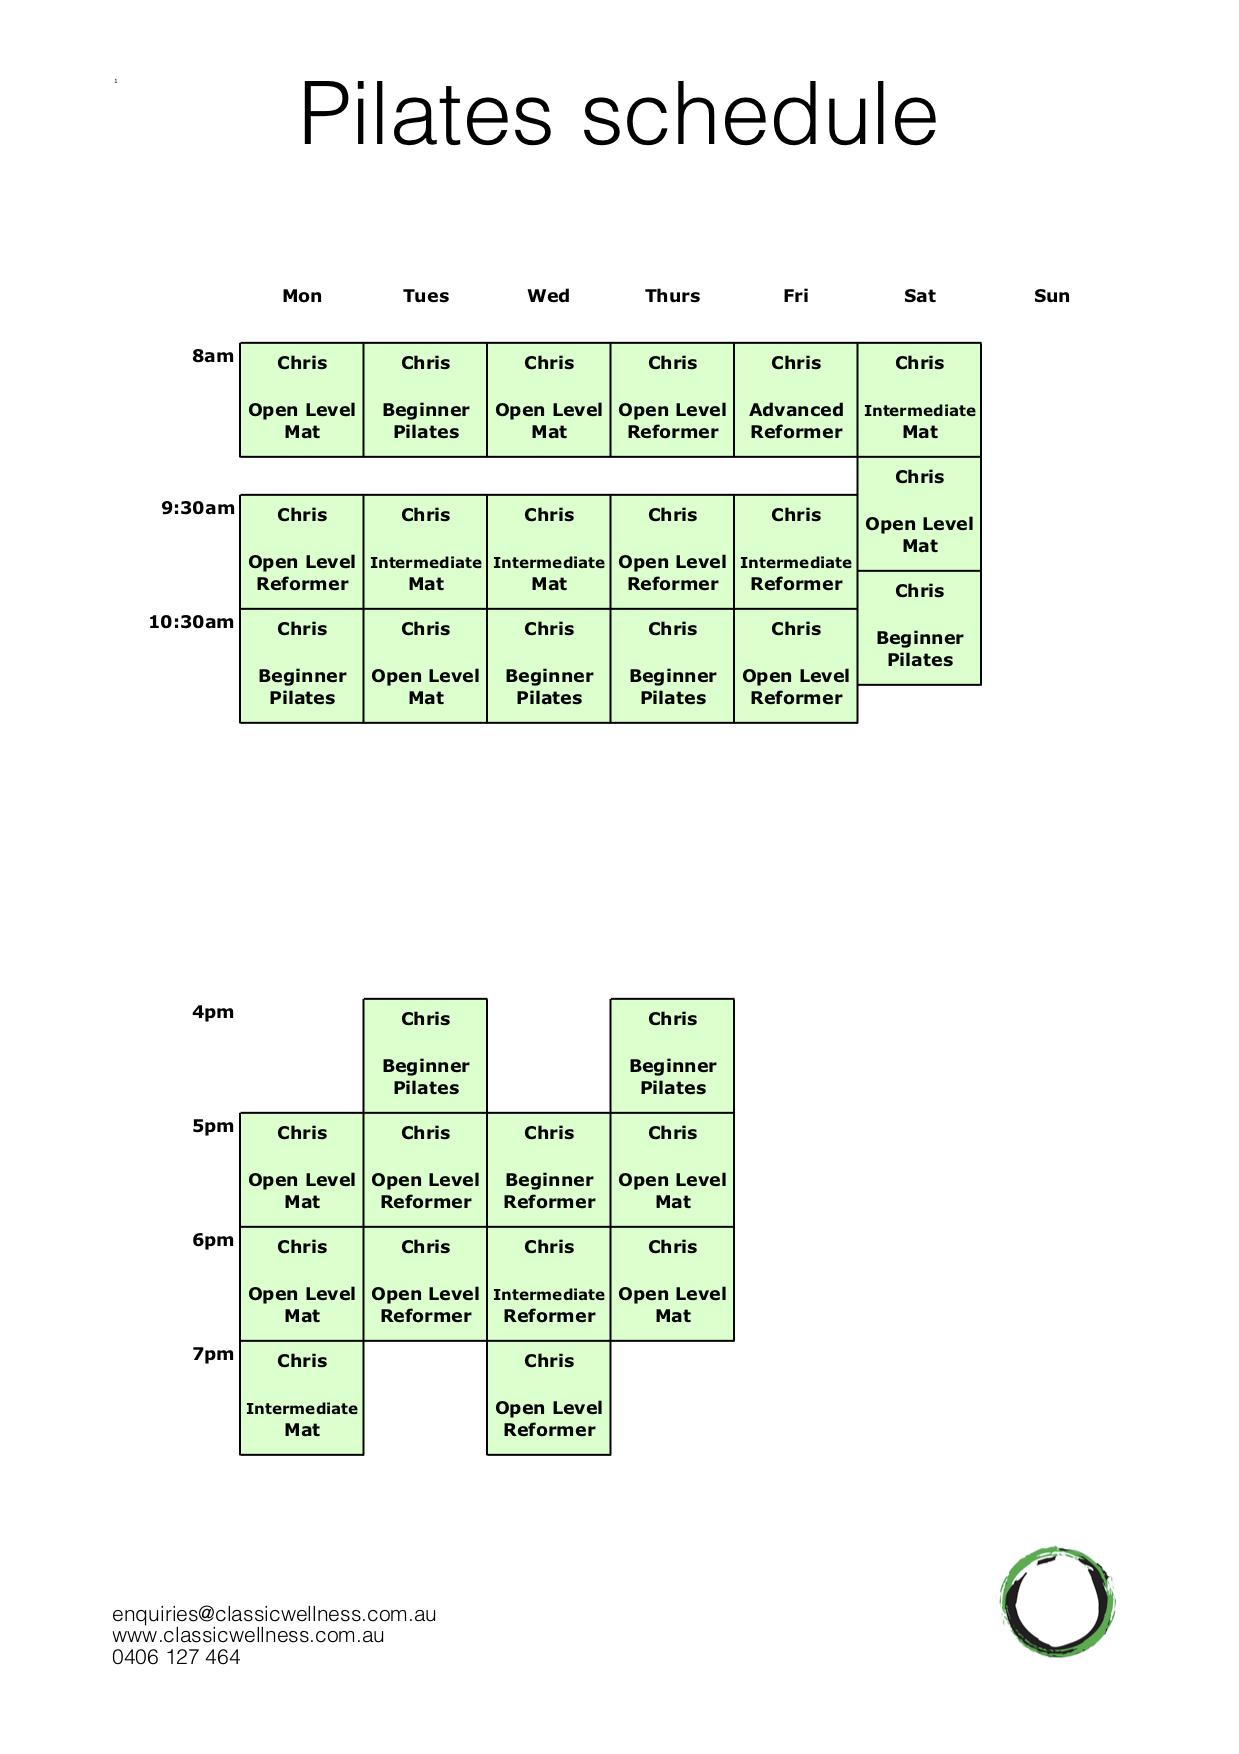 class schedule Pilates June 2019.jpg